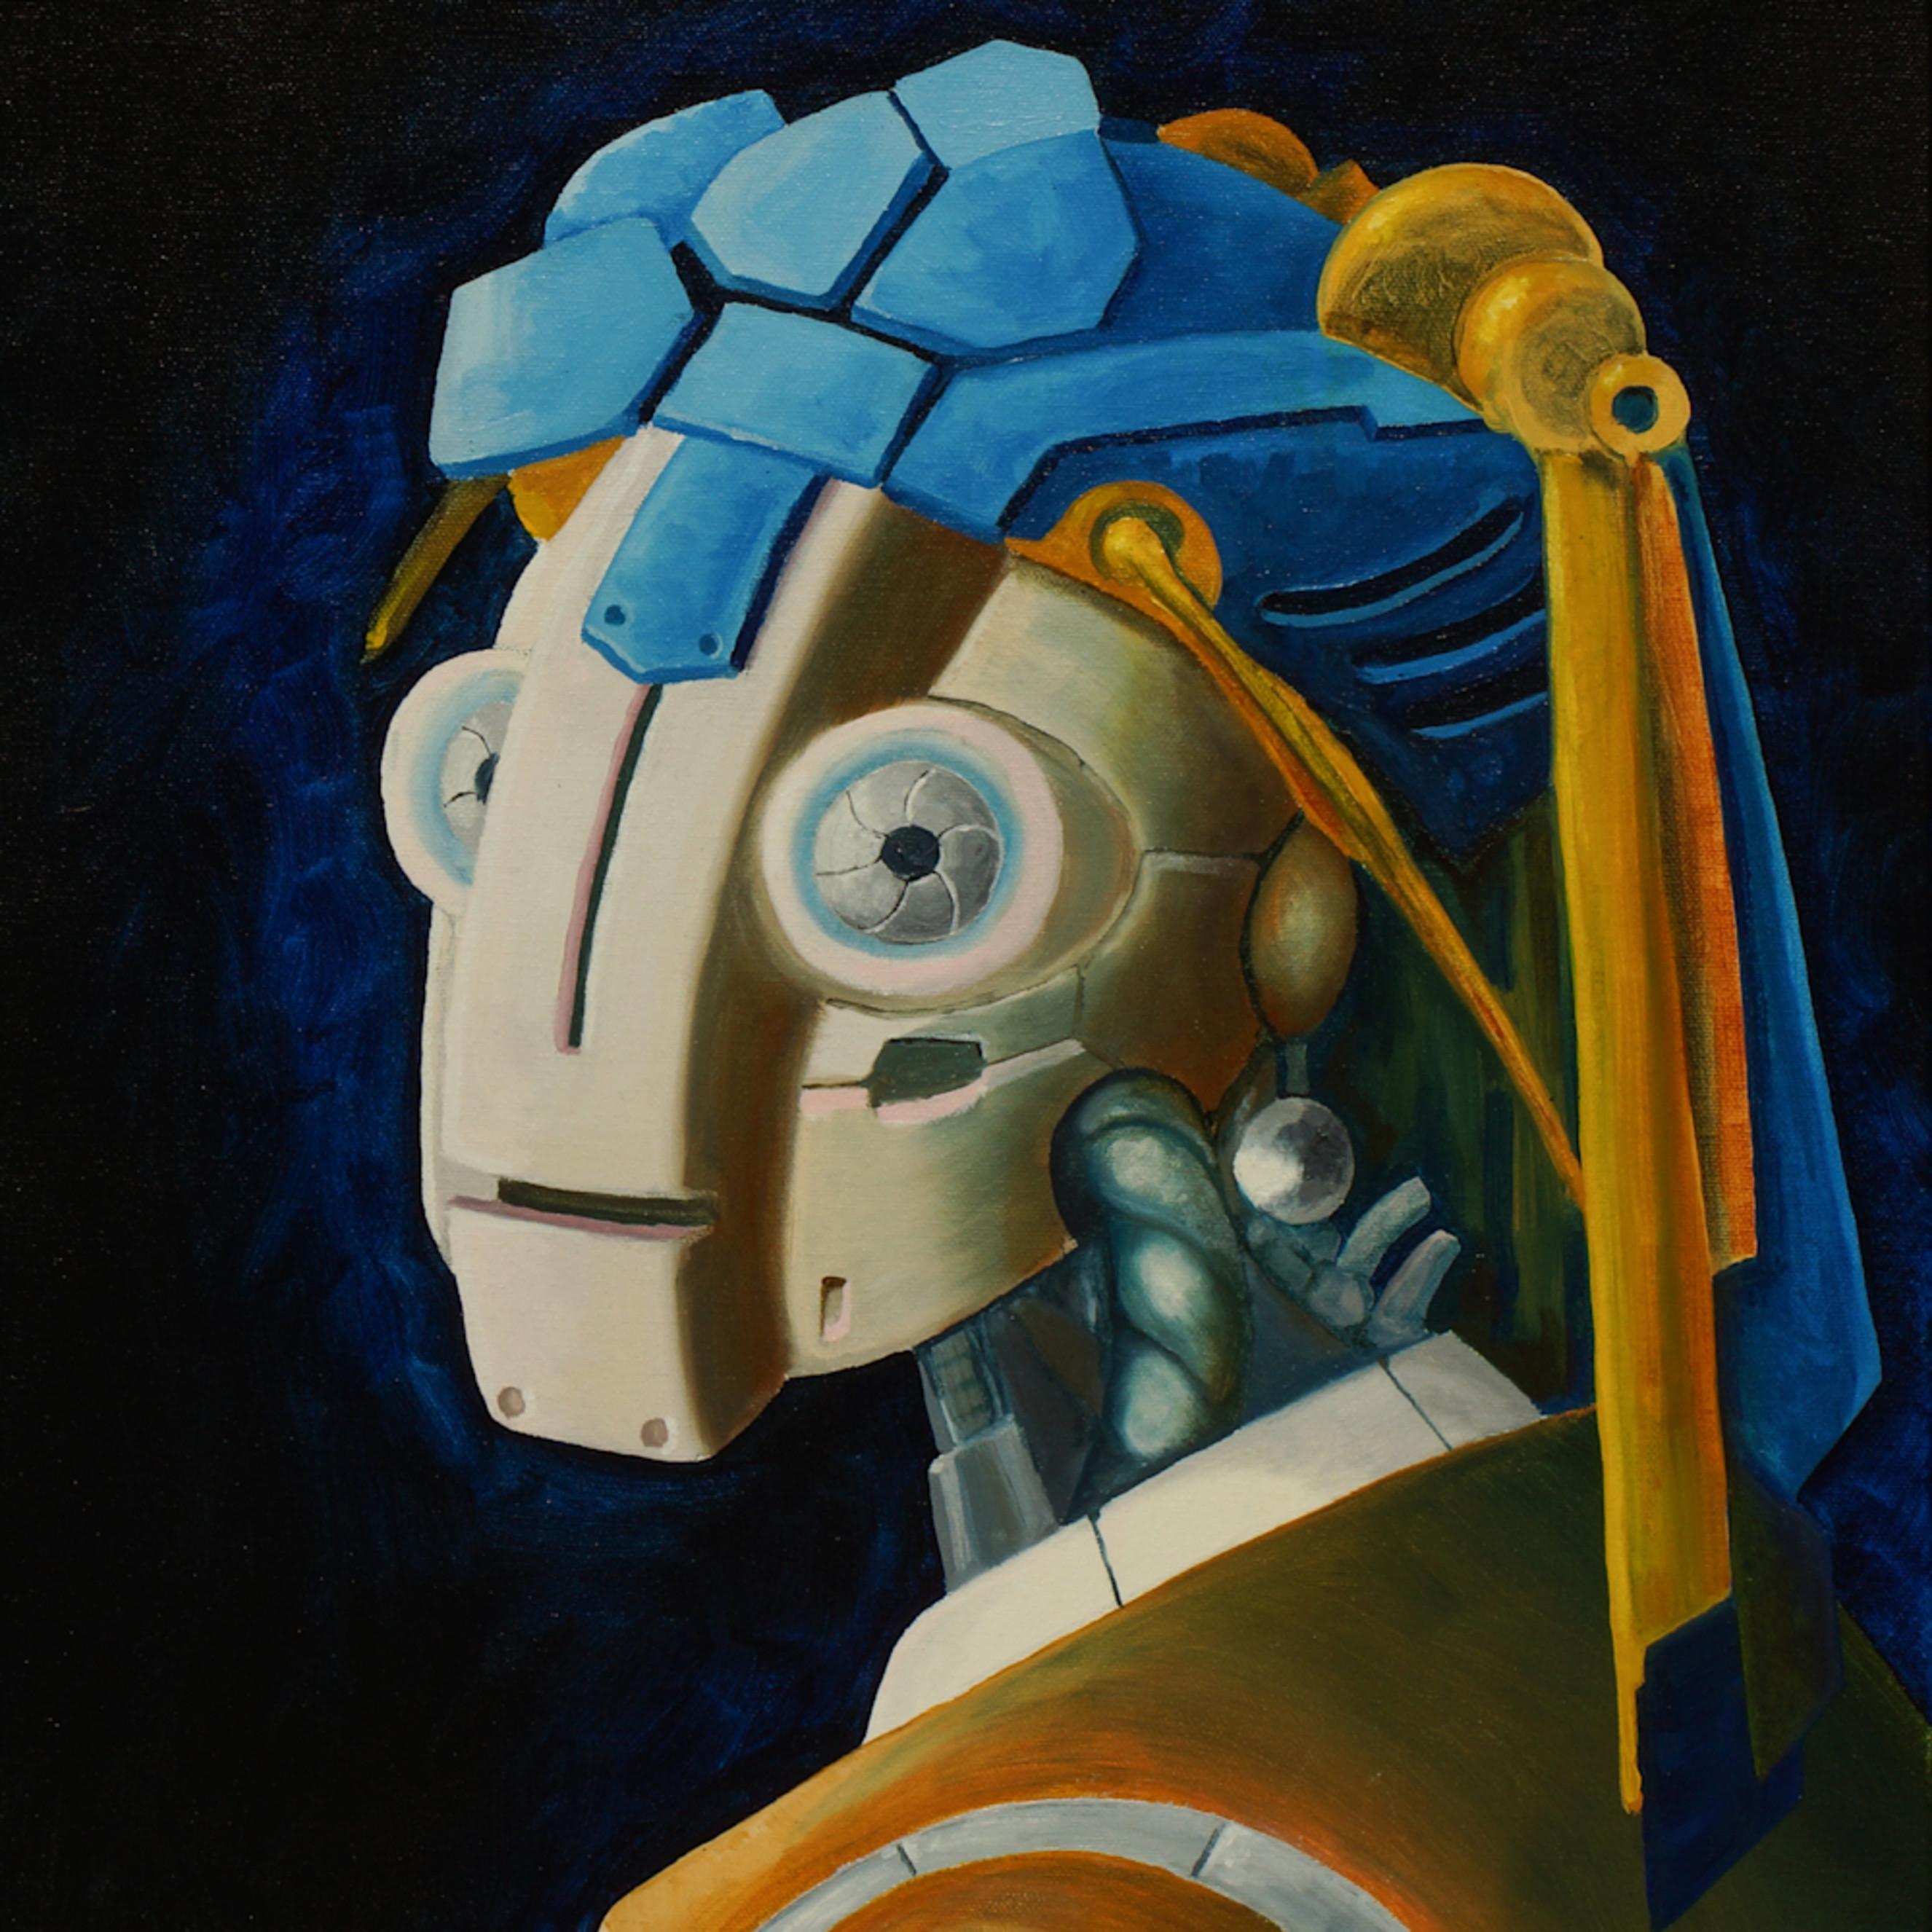 Robot girl w pearl earing uzsixm